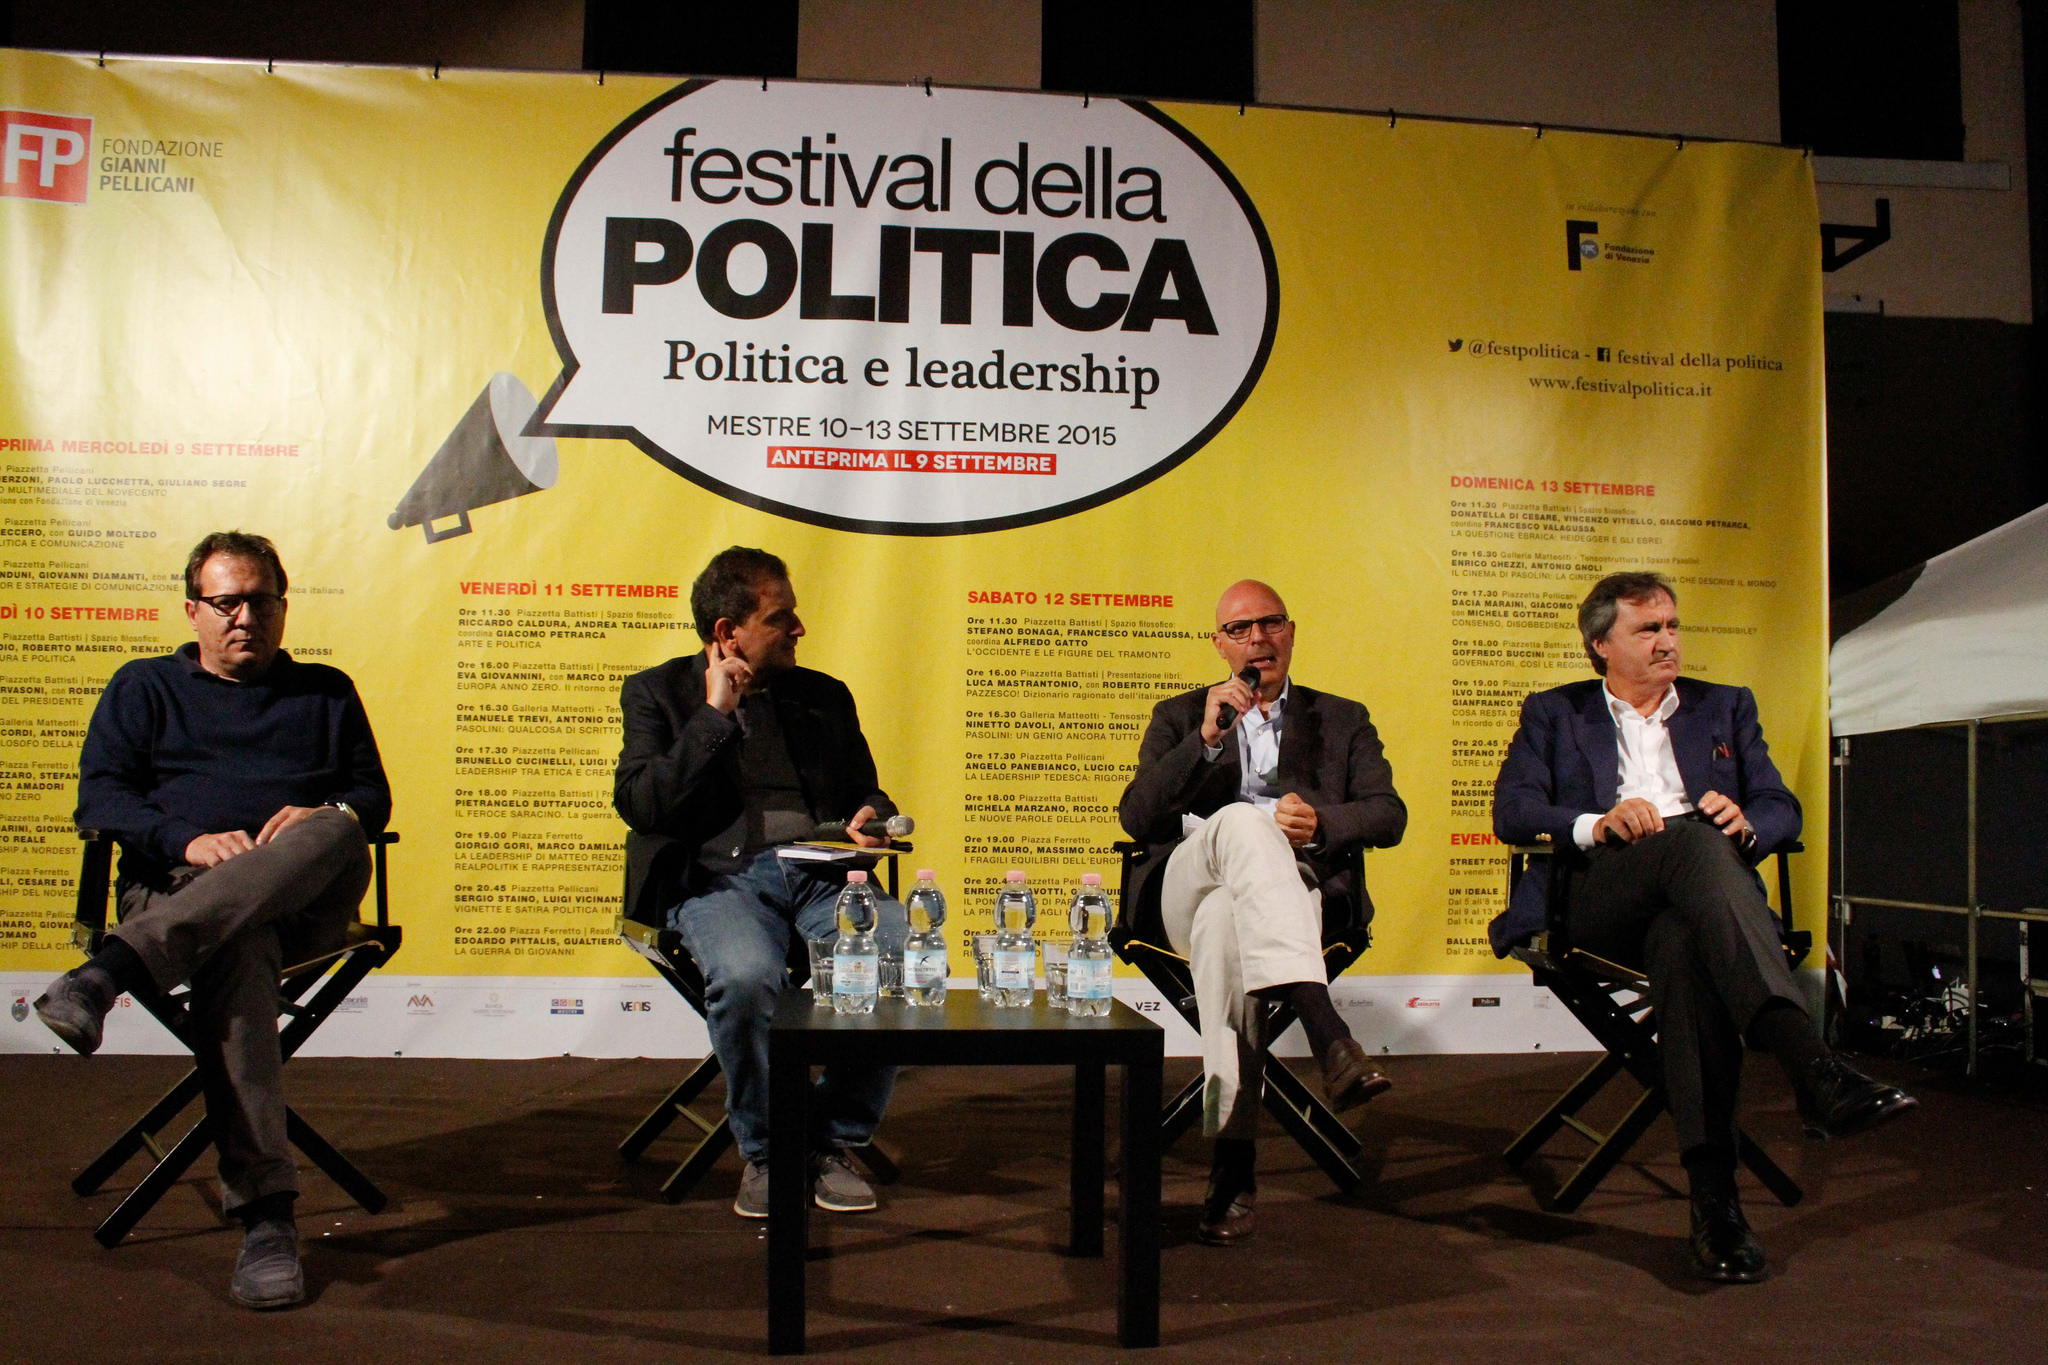 Foto: Fondazione Pellicani via FLICKR